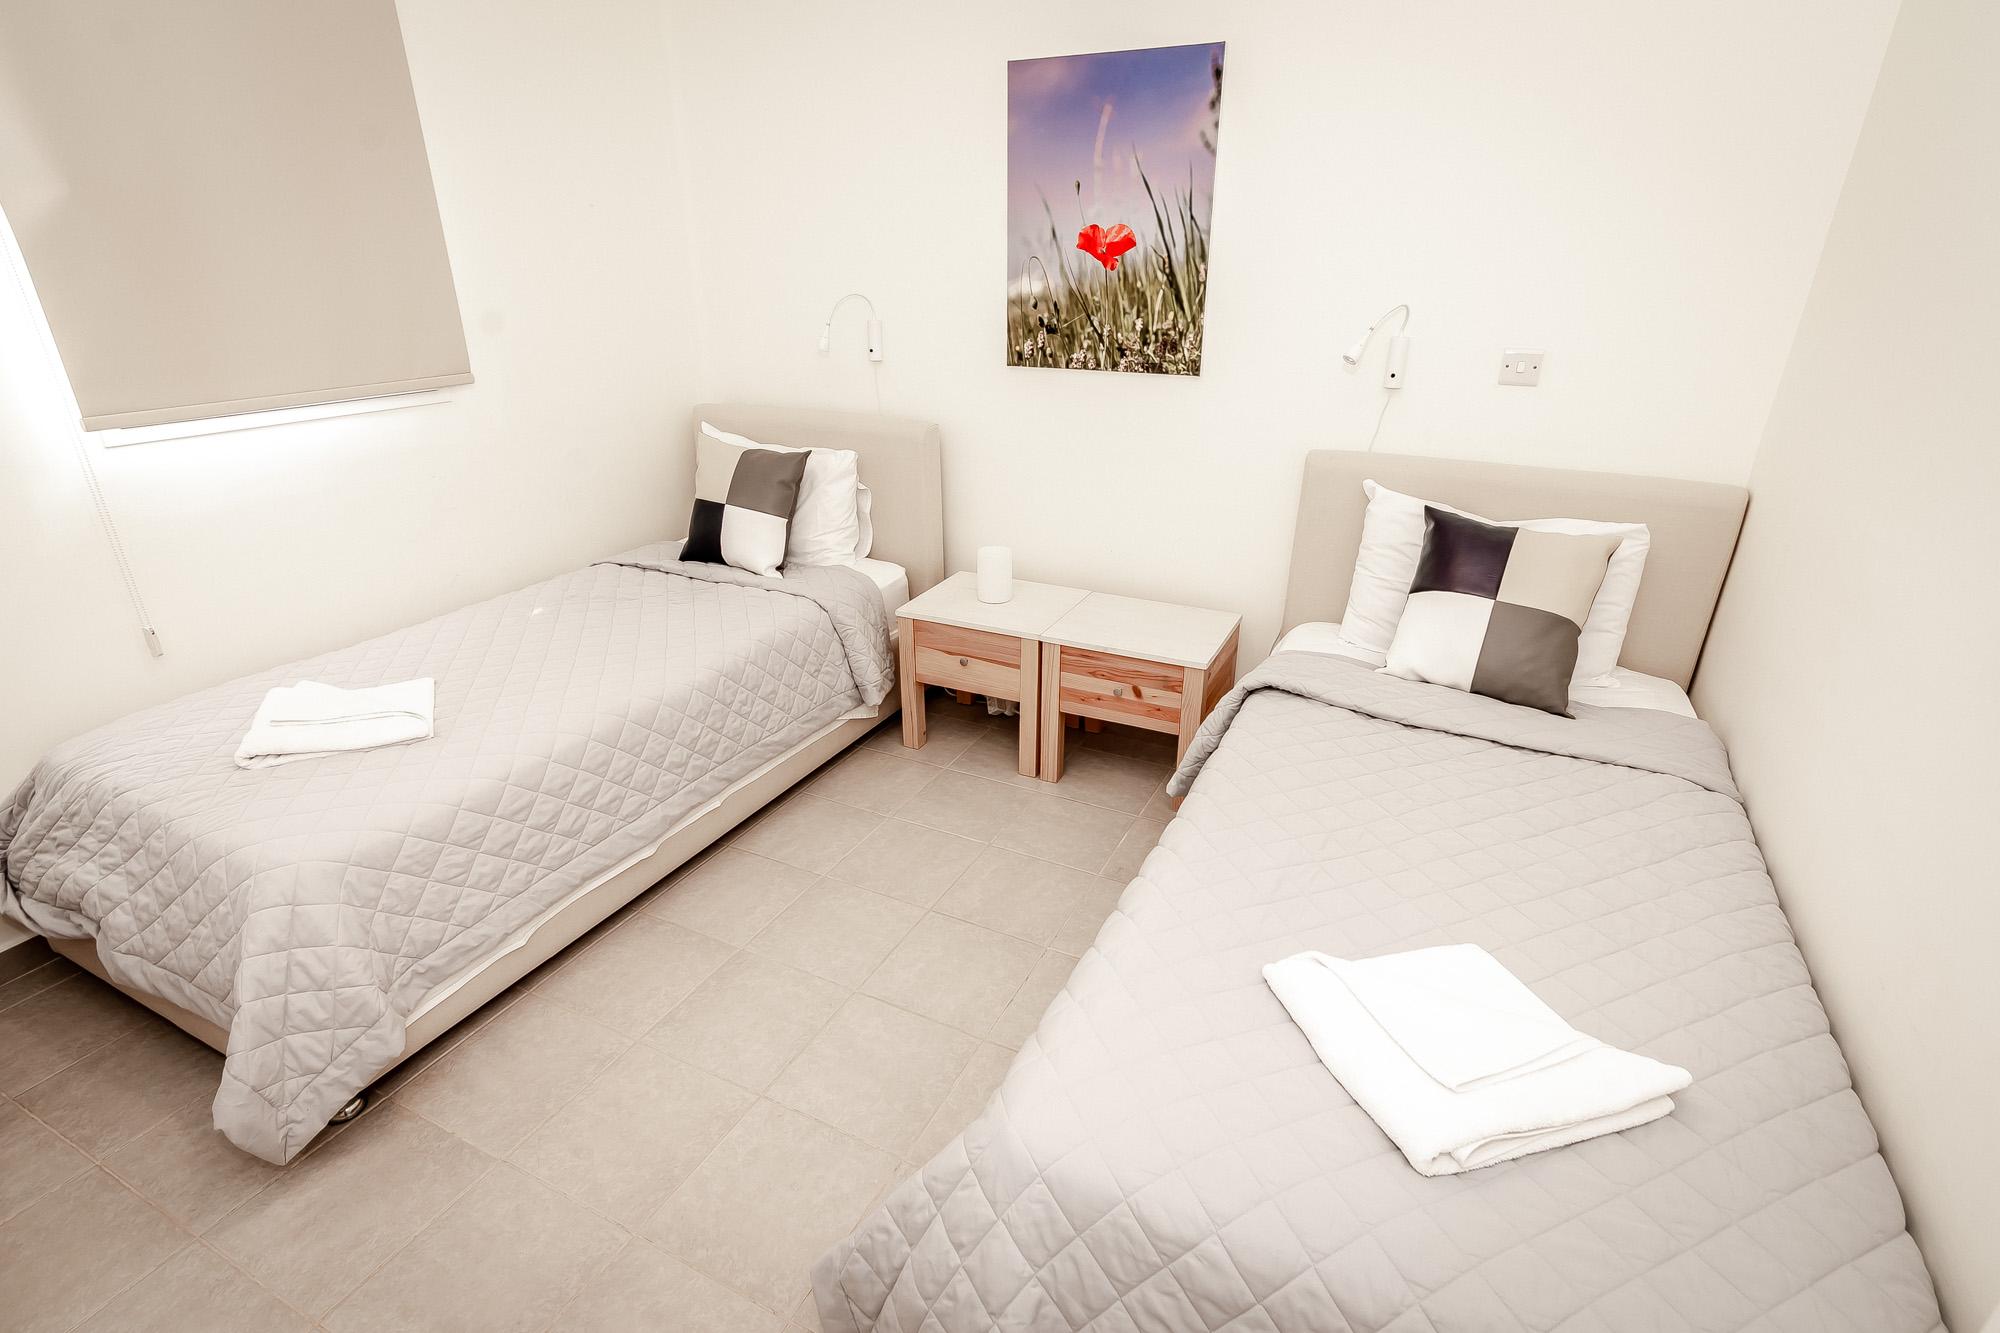 Apartment Joya Cyprus Moonlit Penthouse Apartment photo 20323348